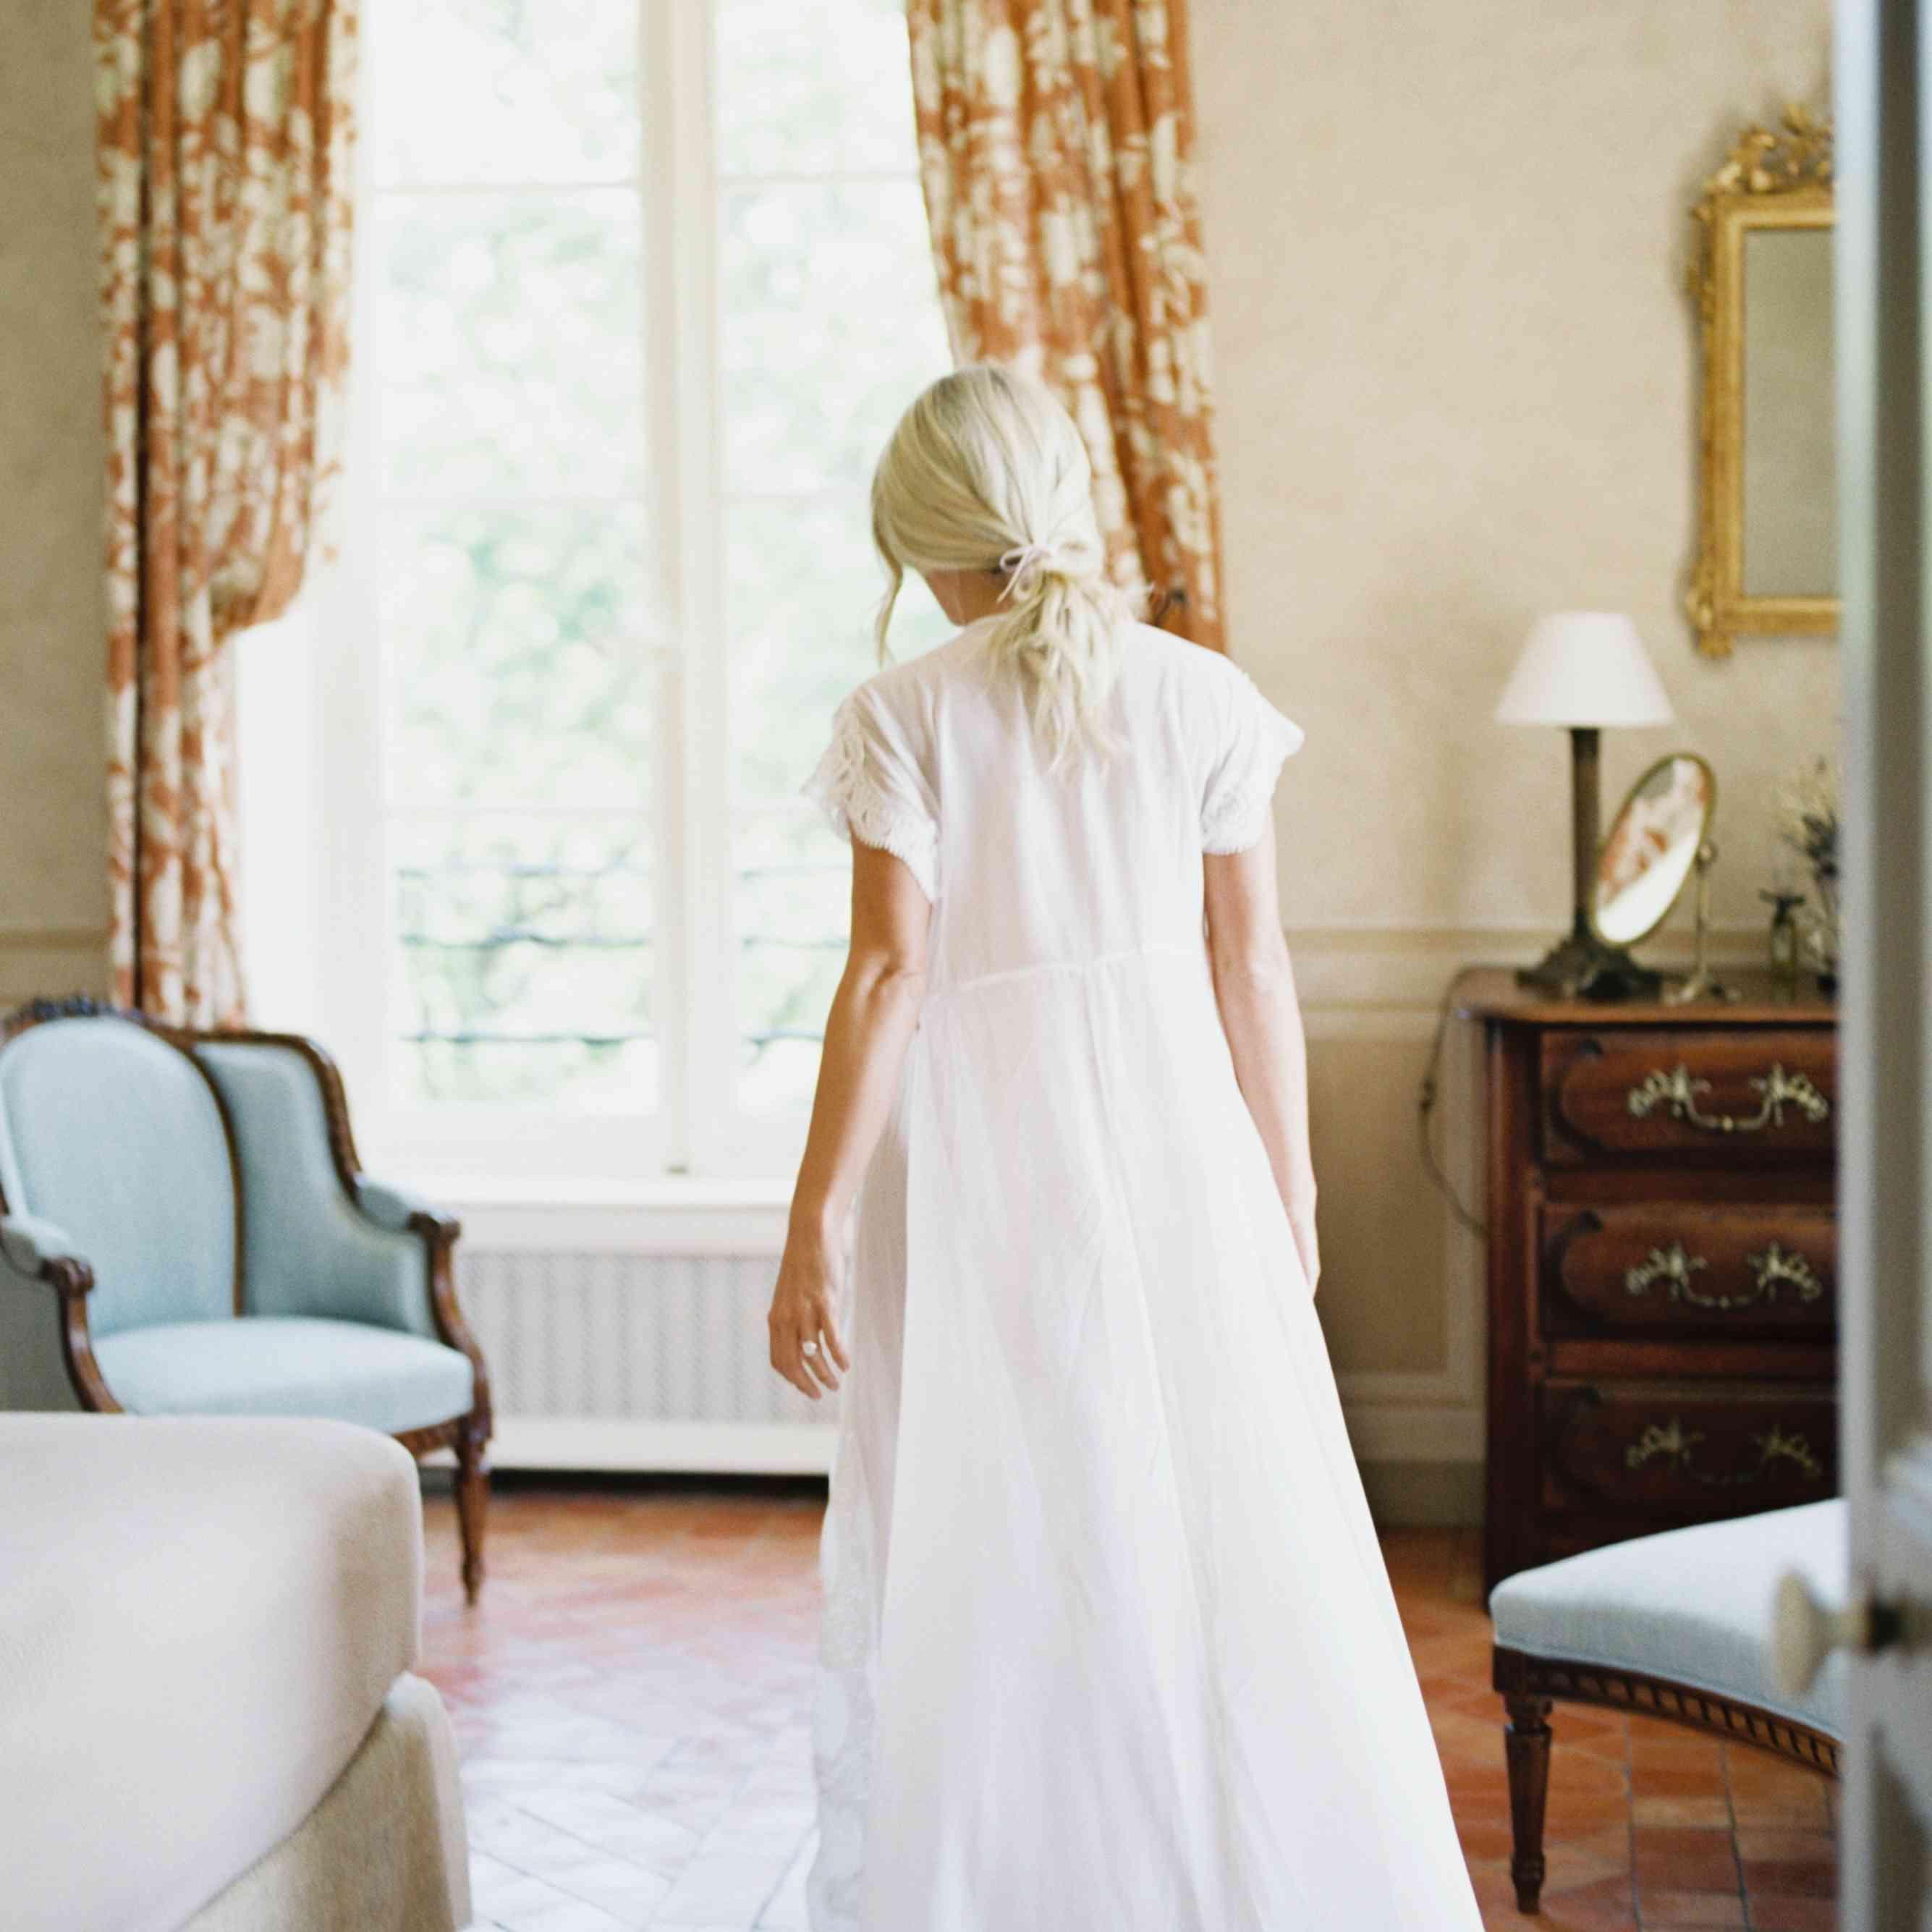 bride getting ready wedding